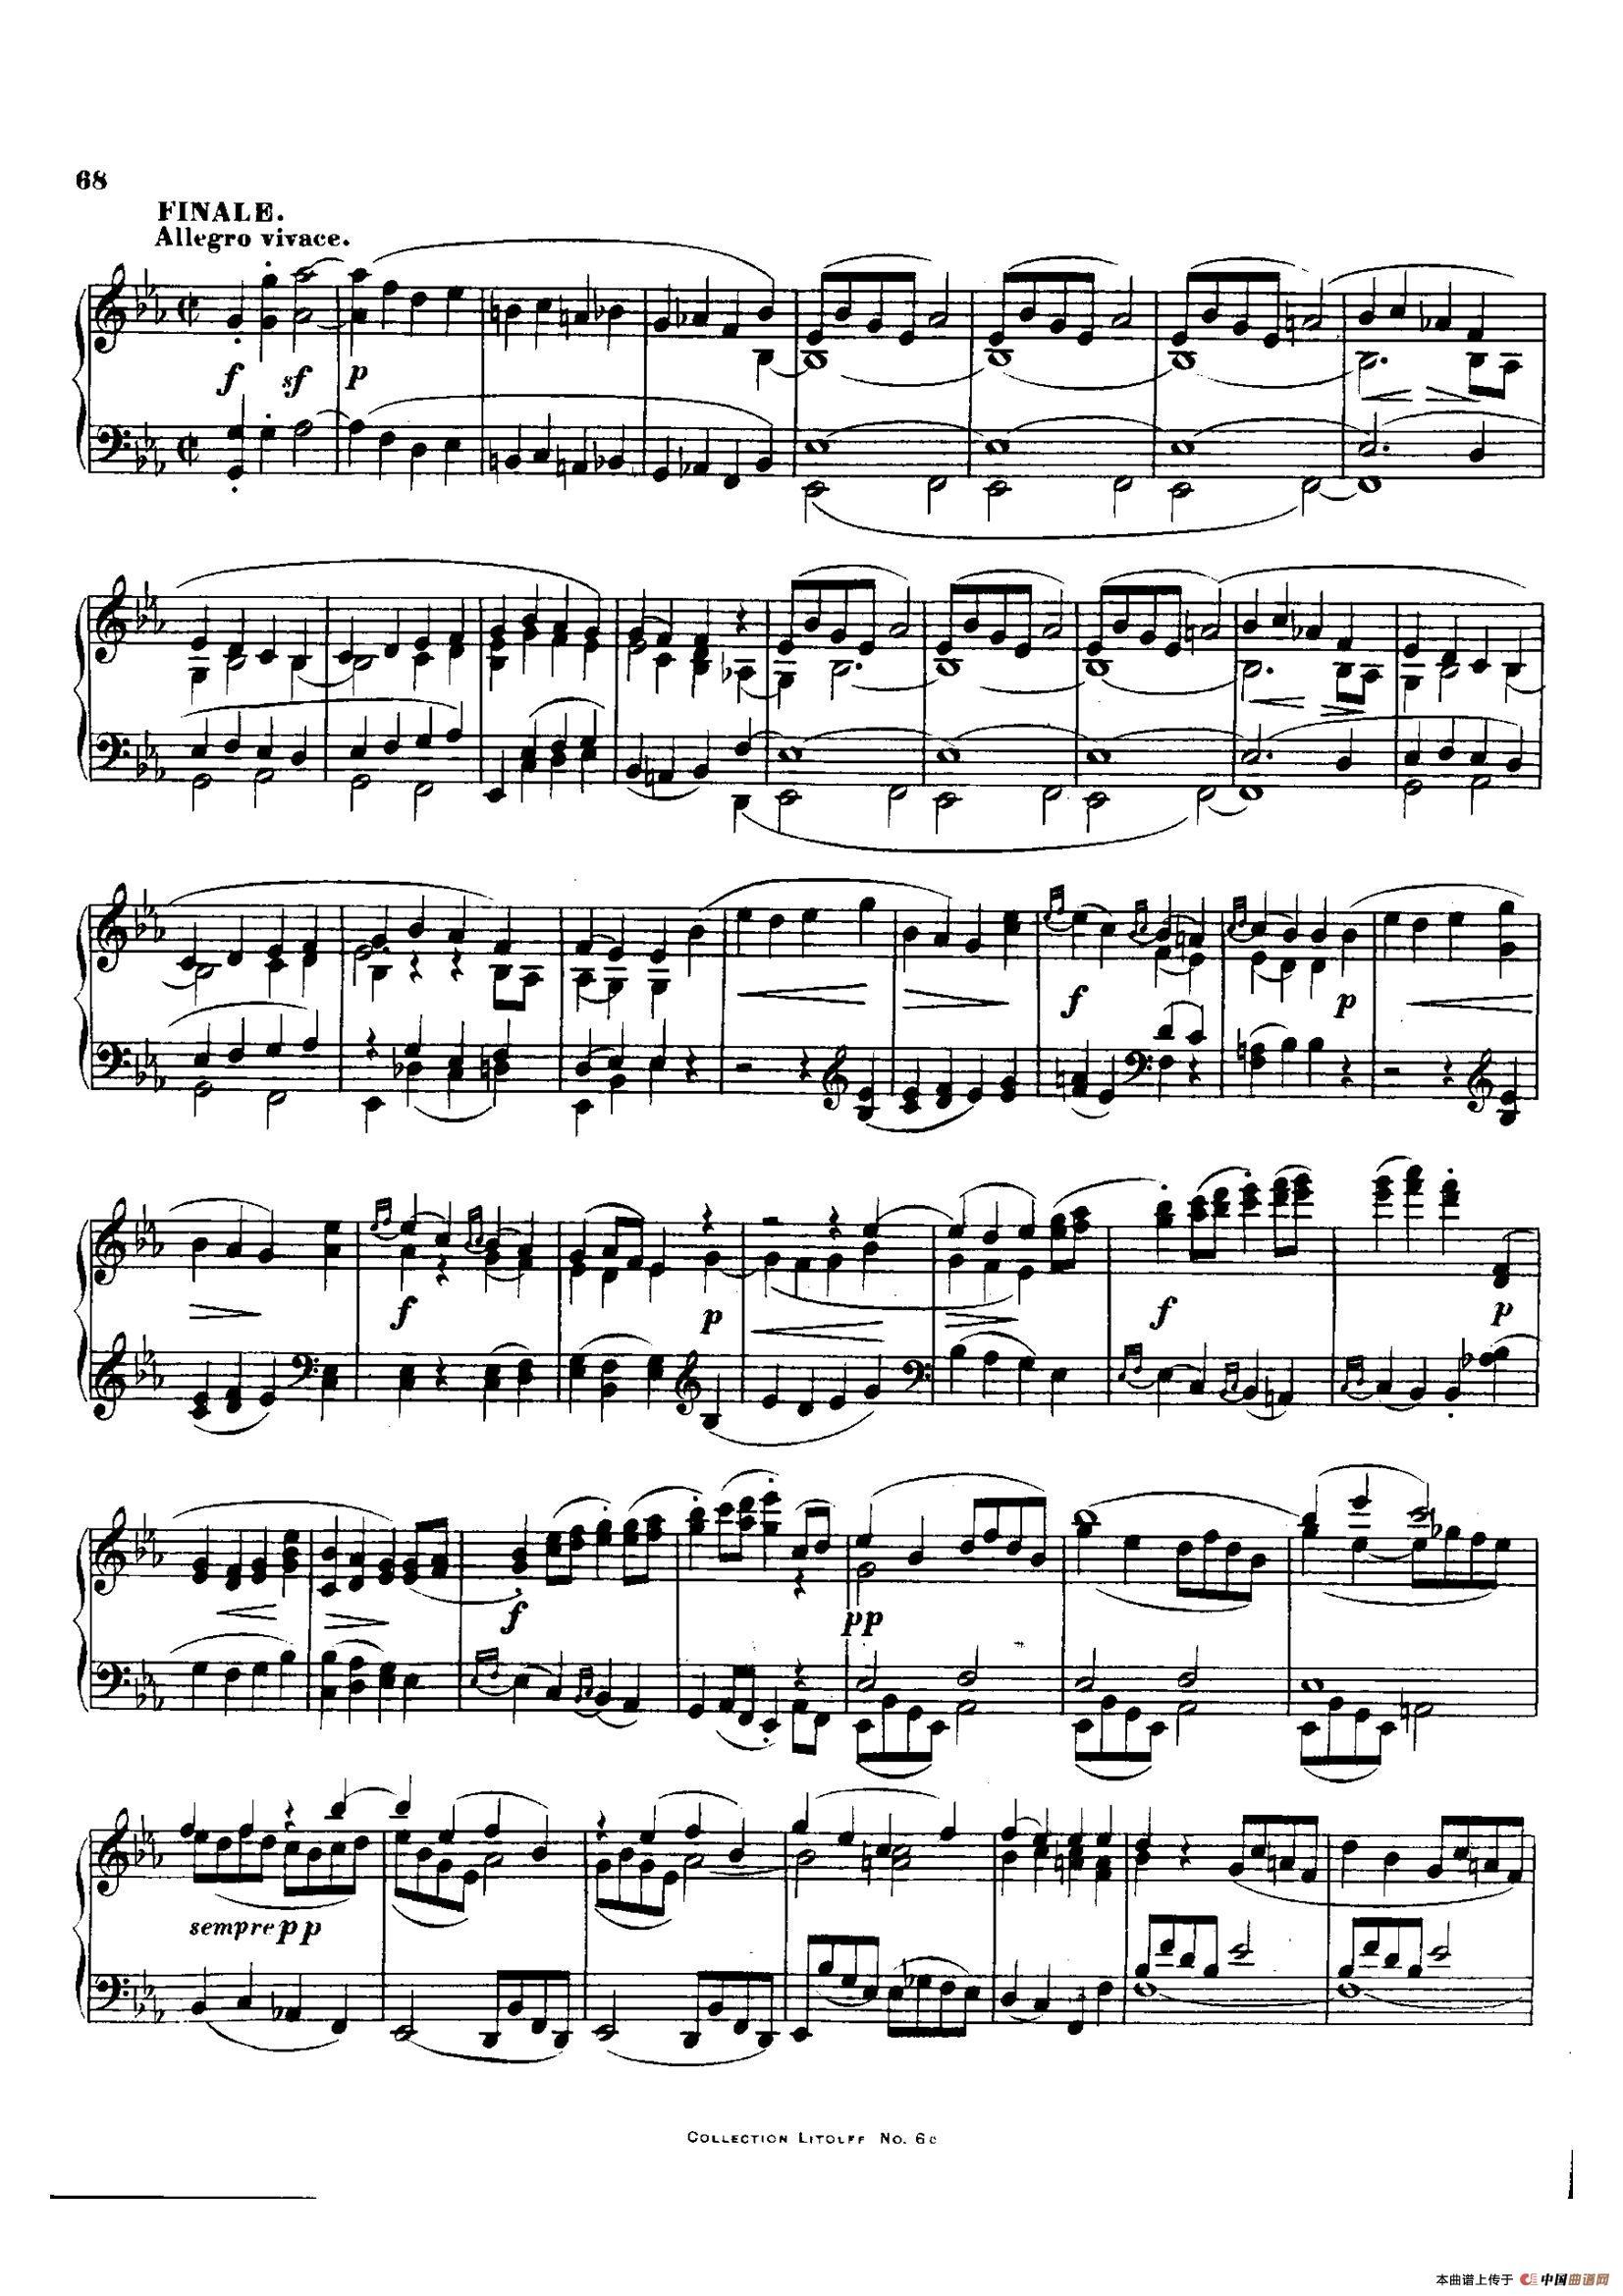 降E大调第十二弦乐四重奏(钢琴独奏版)(1)_原文件名:023.jpg